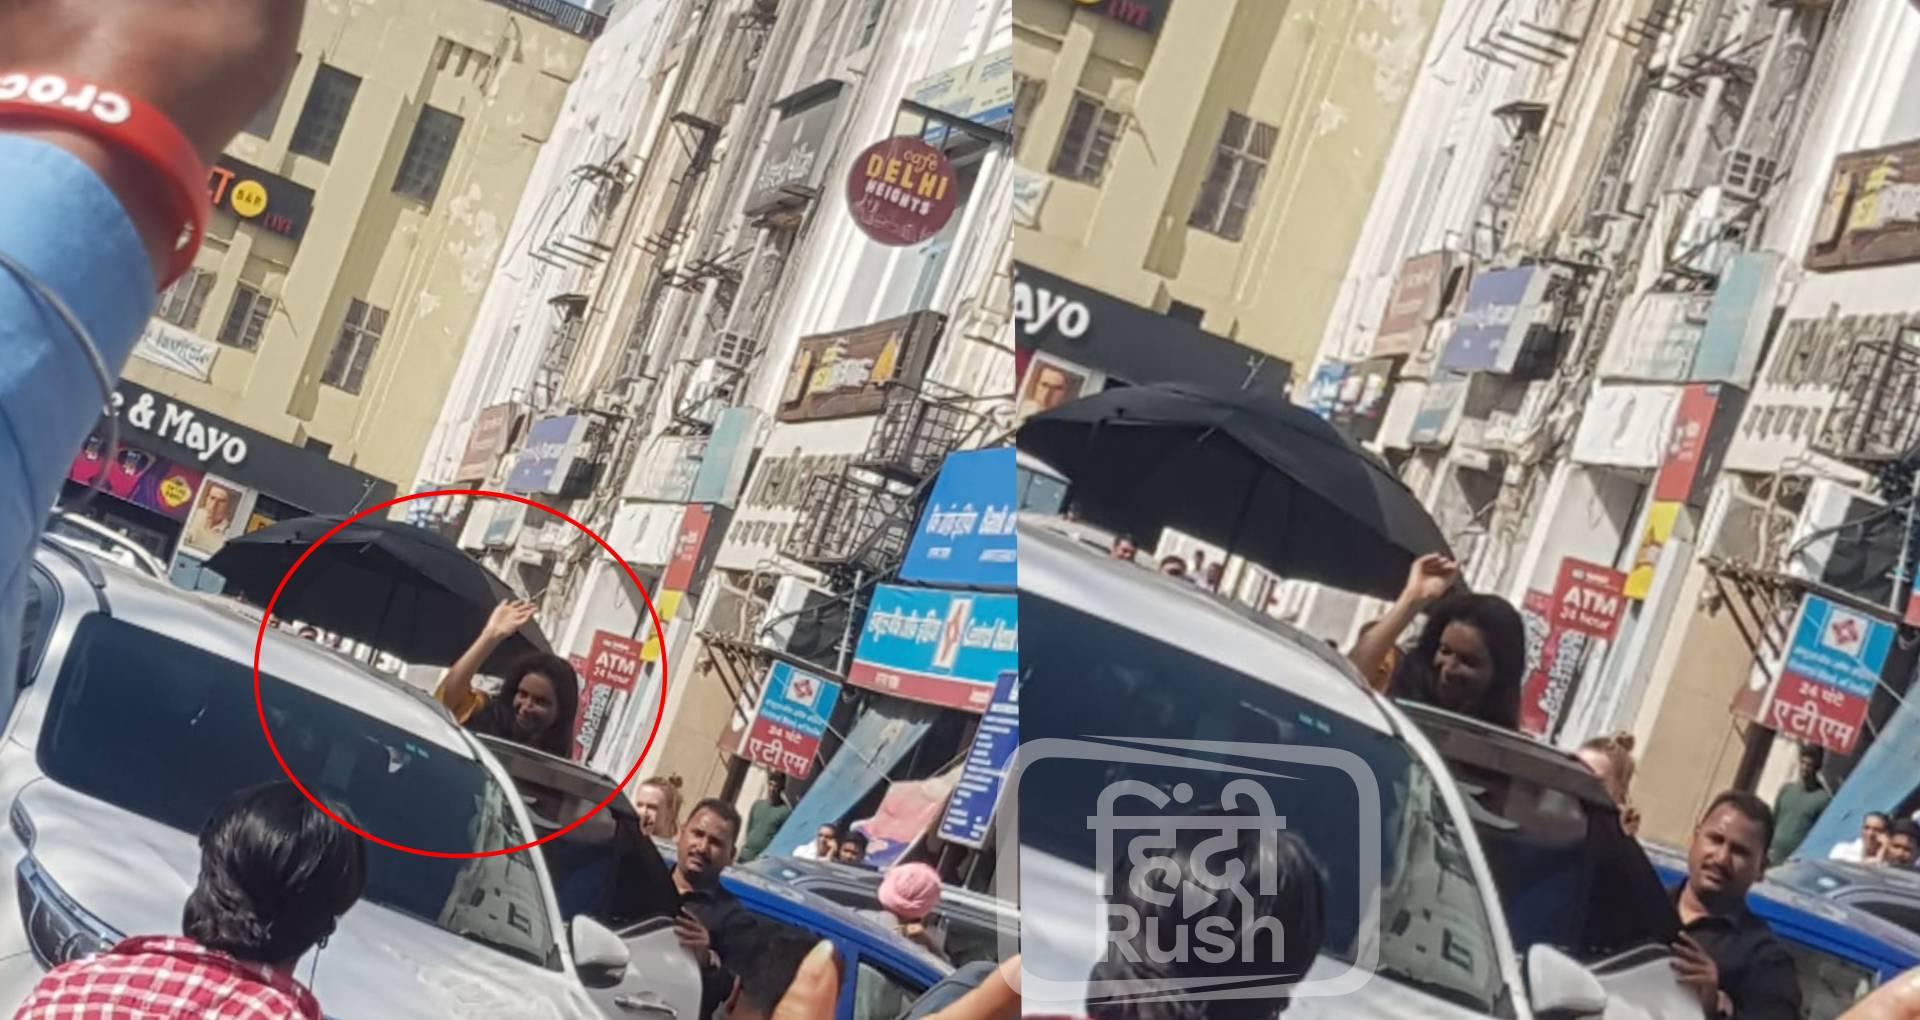 फिल्म छपाक की शूटिंग के दौरान इस लुक में नजर आईं दीपिका पादुकोण, उनकी एक्टिंग देखने के लिए उमड़ी लोगों की भीड़